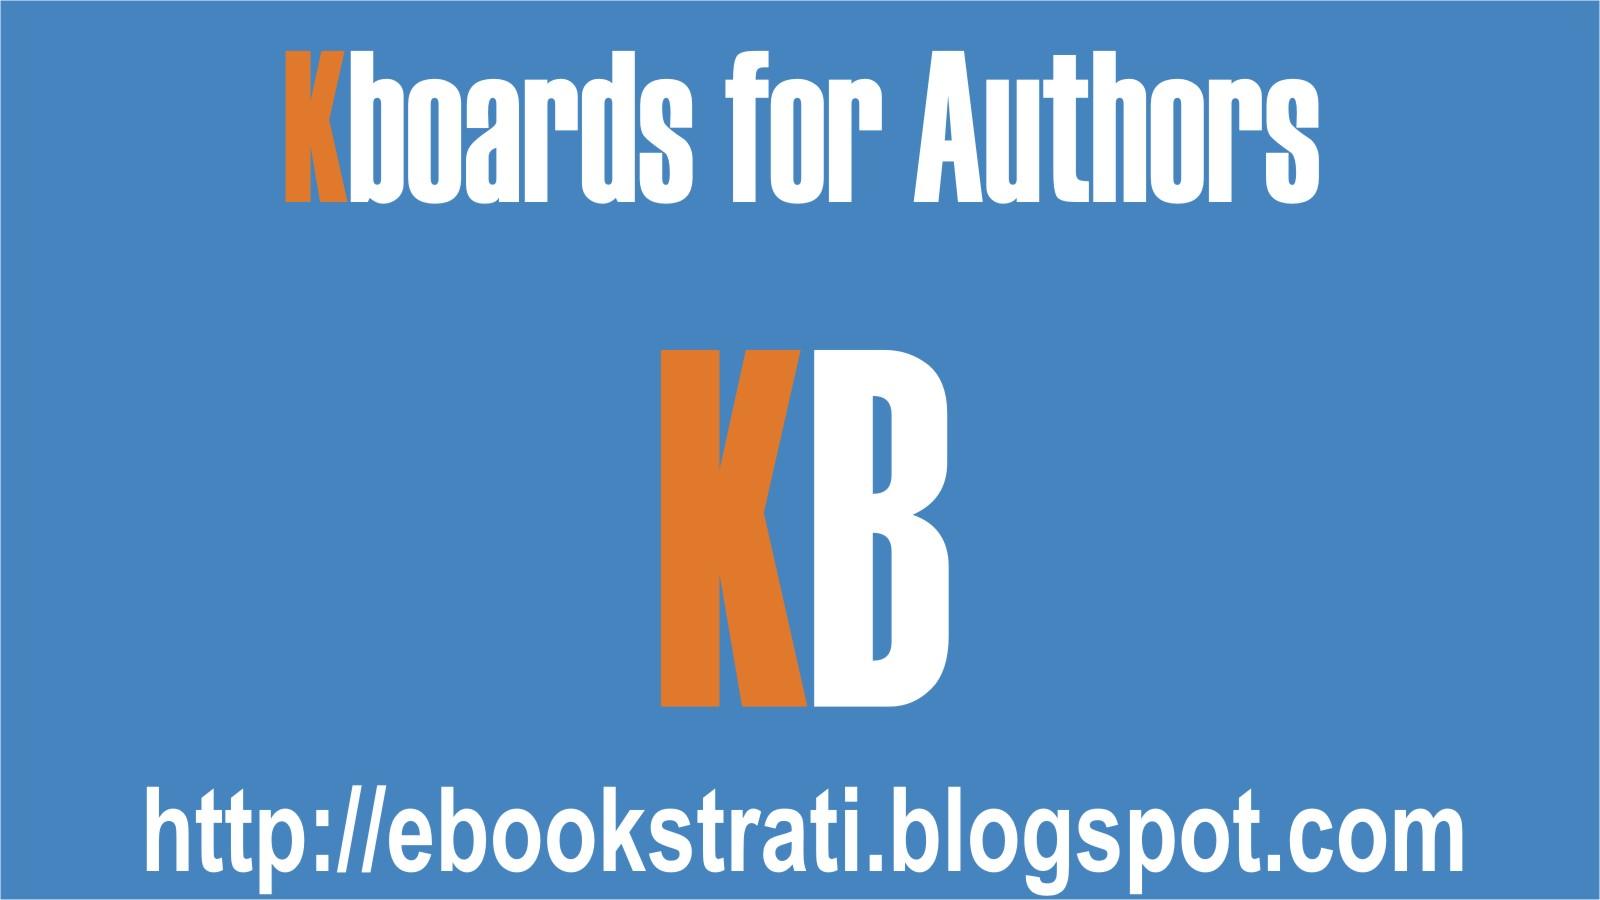 KBoards